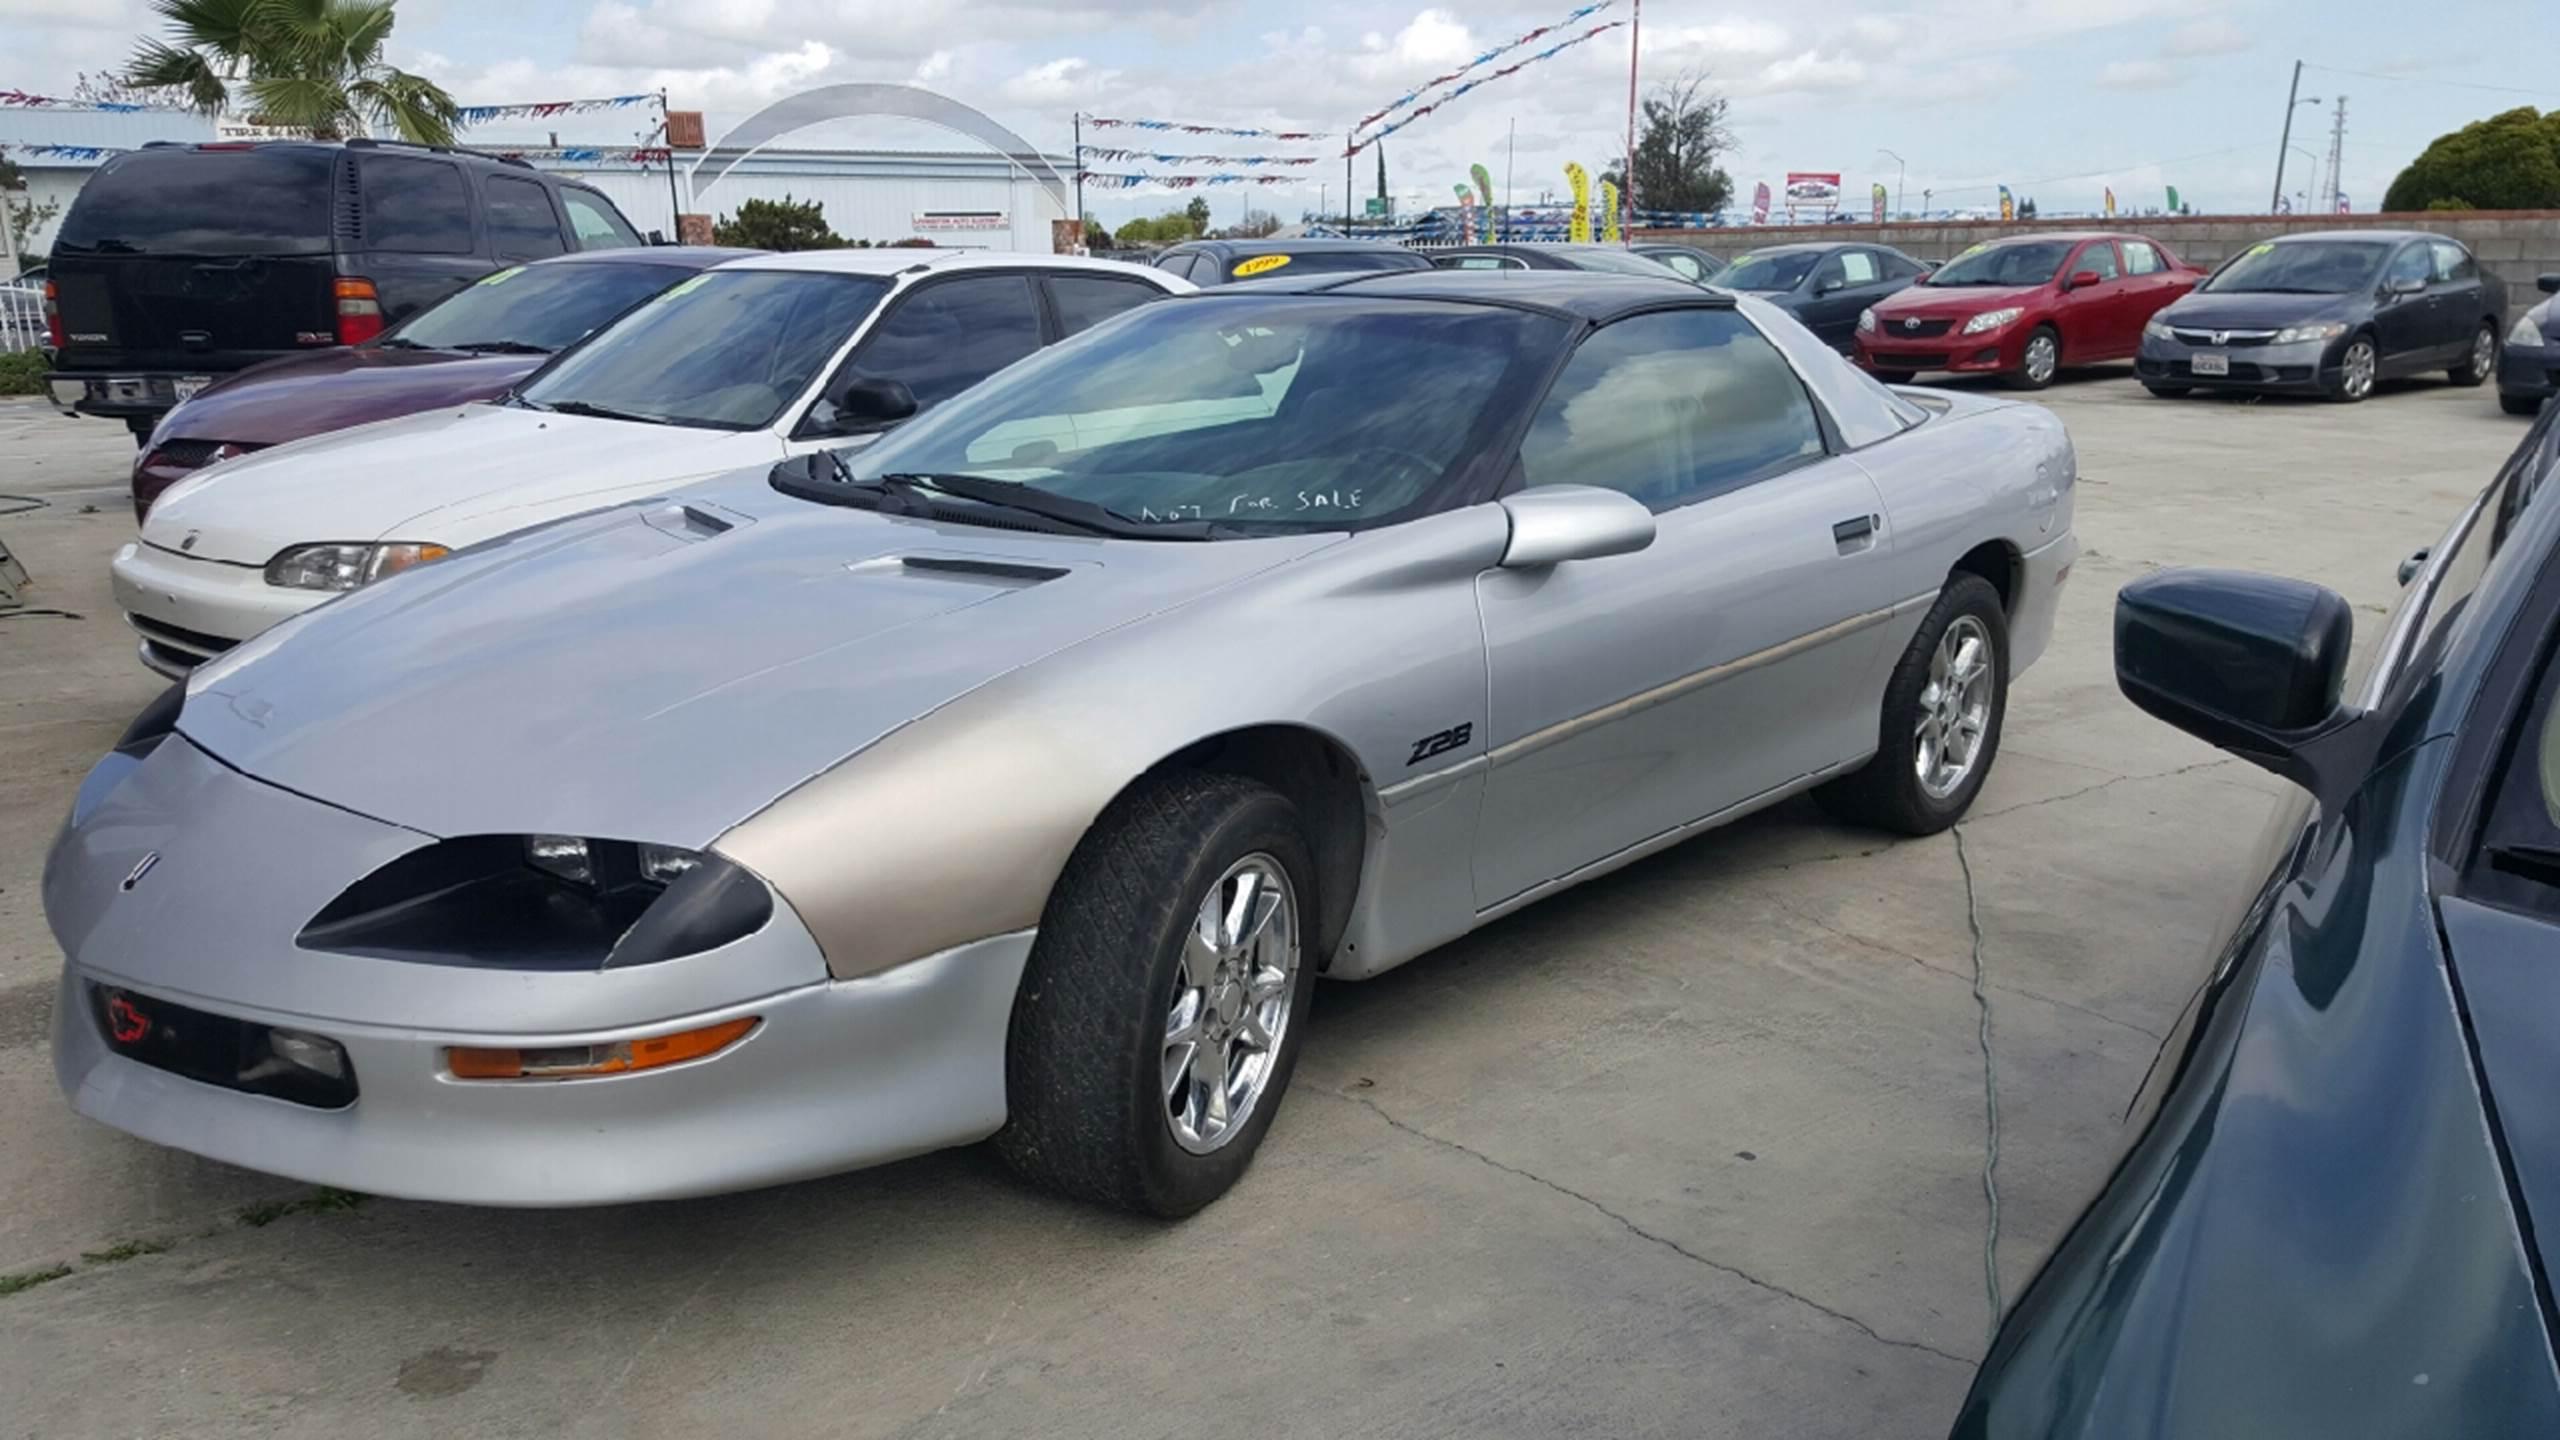 1997 Chevrolet Camaro for sale in Livingston, CA